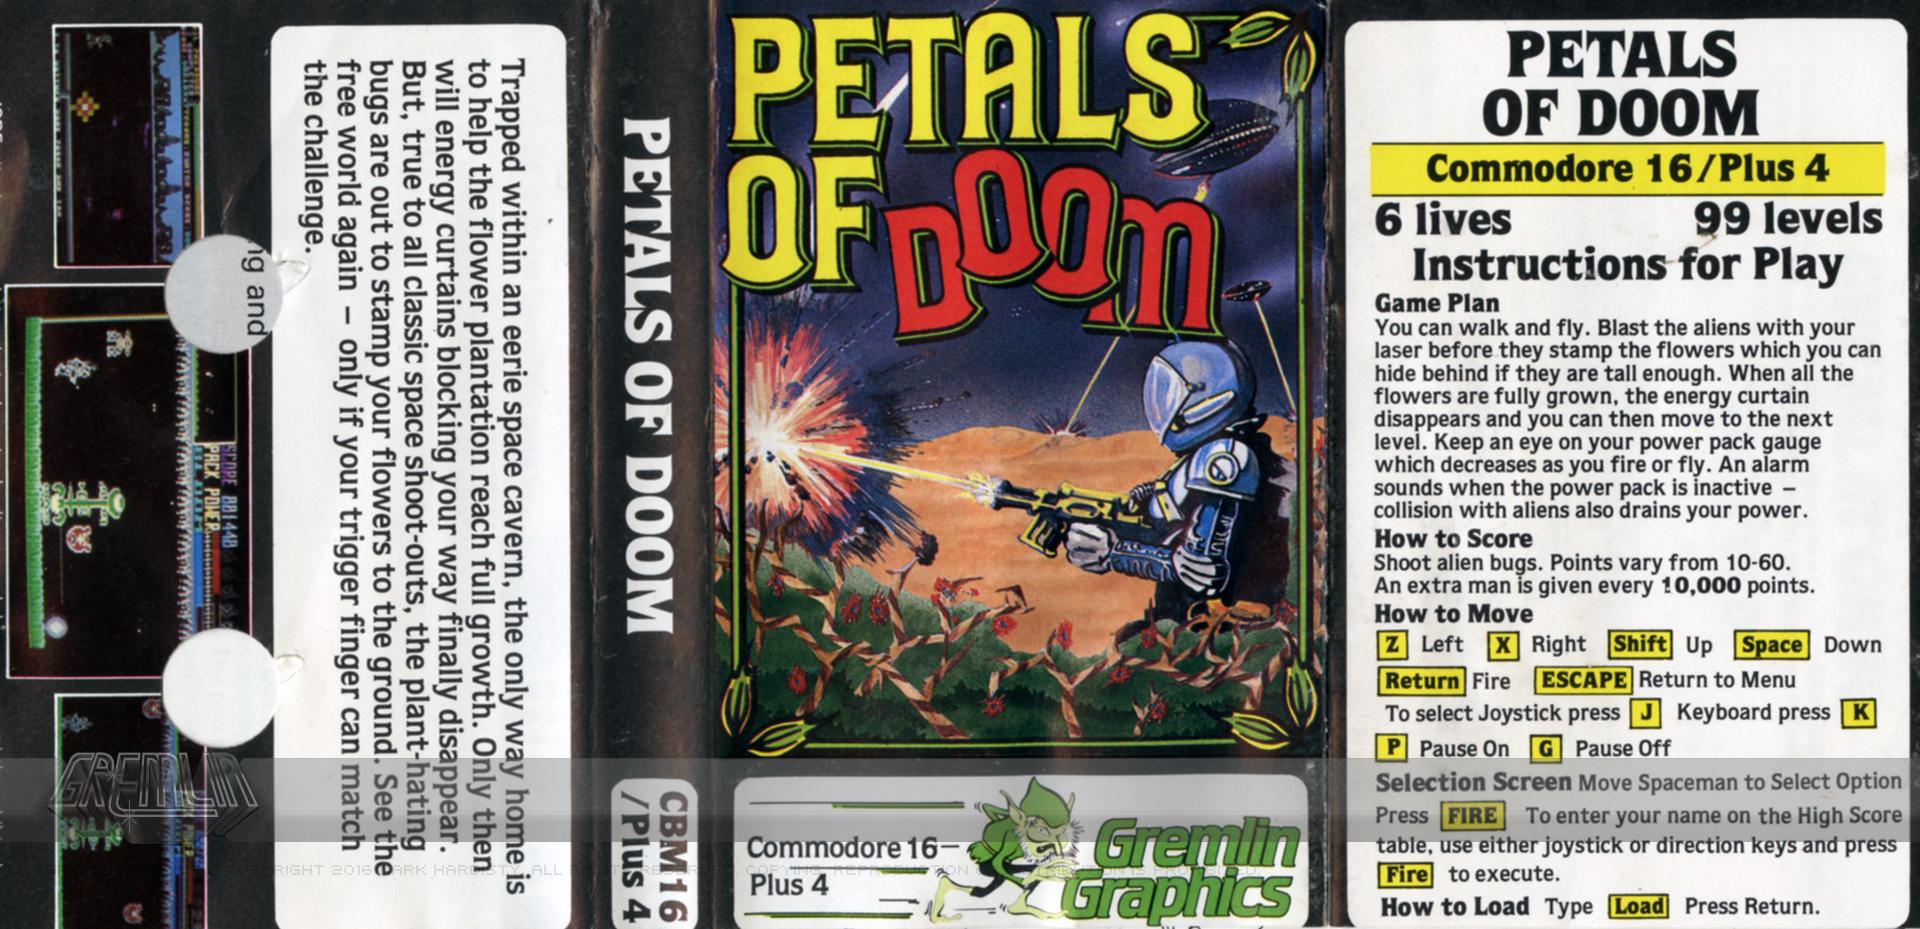 Petals of Doom